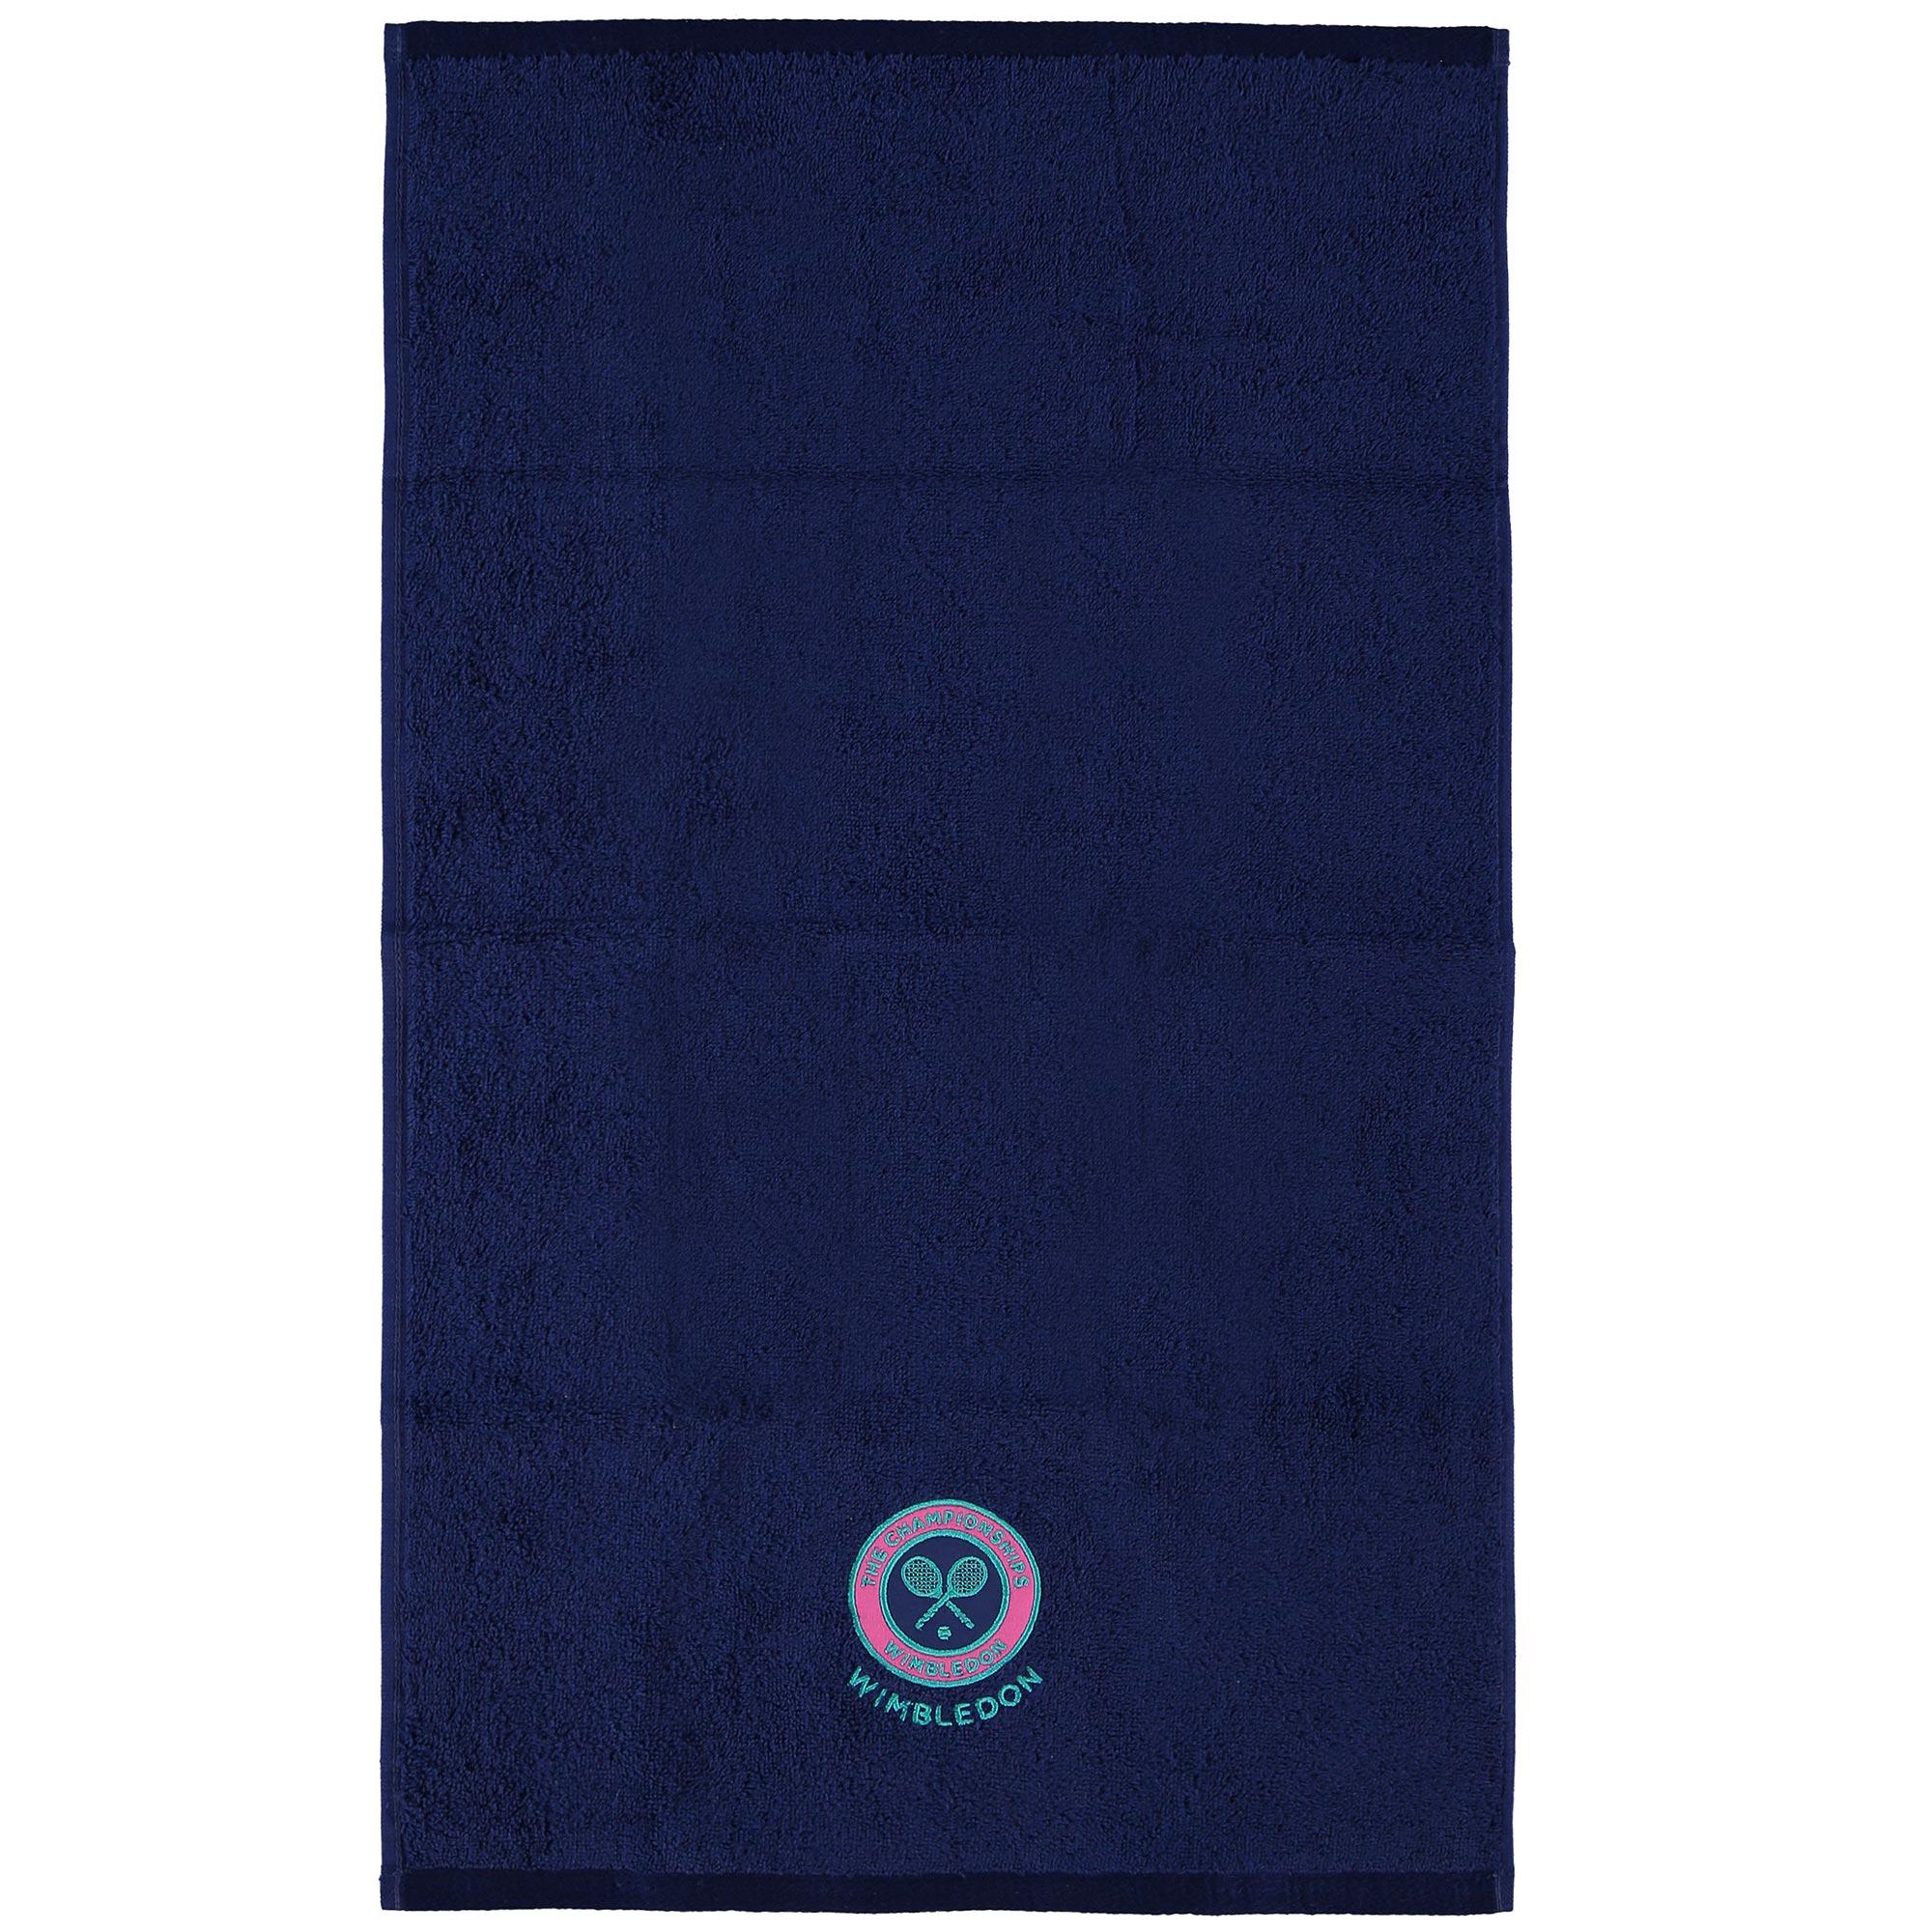 Best Mens Gym Towel: Wimbledon Mens Guest Towel - Purple